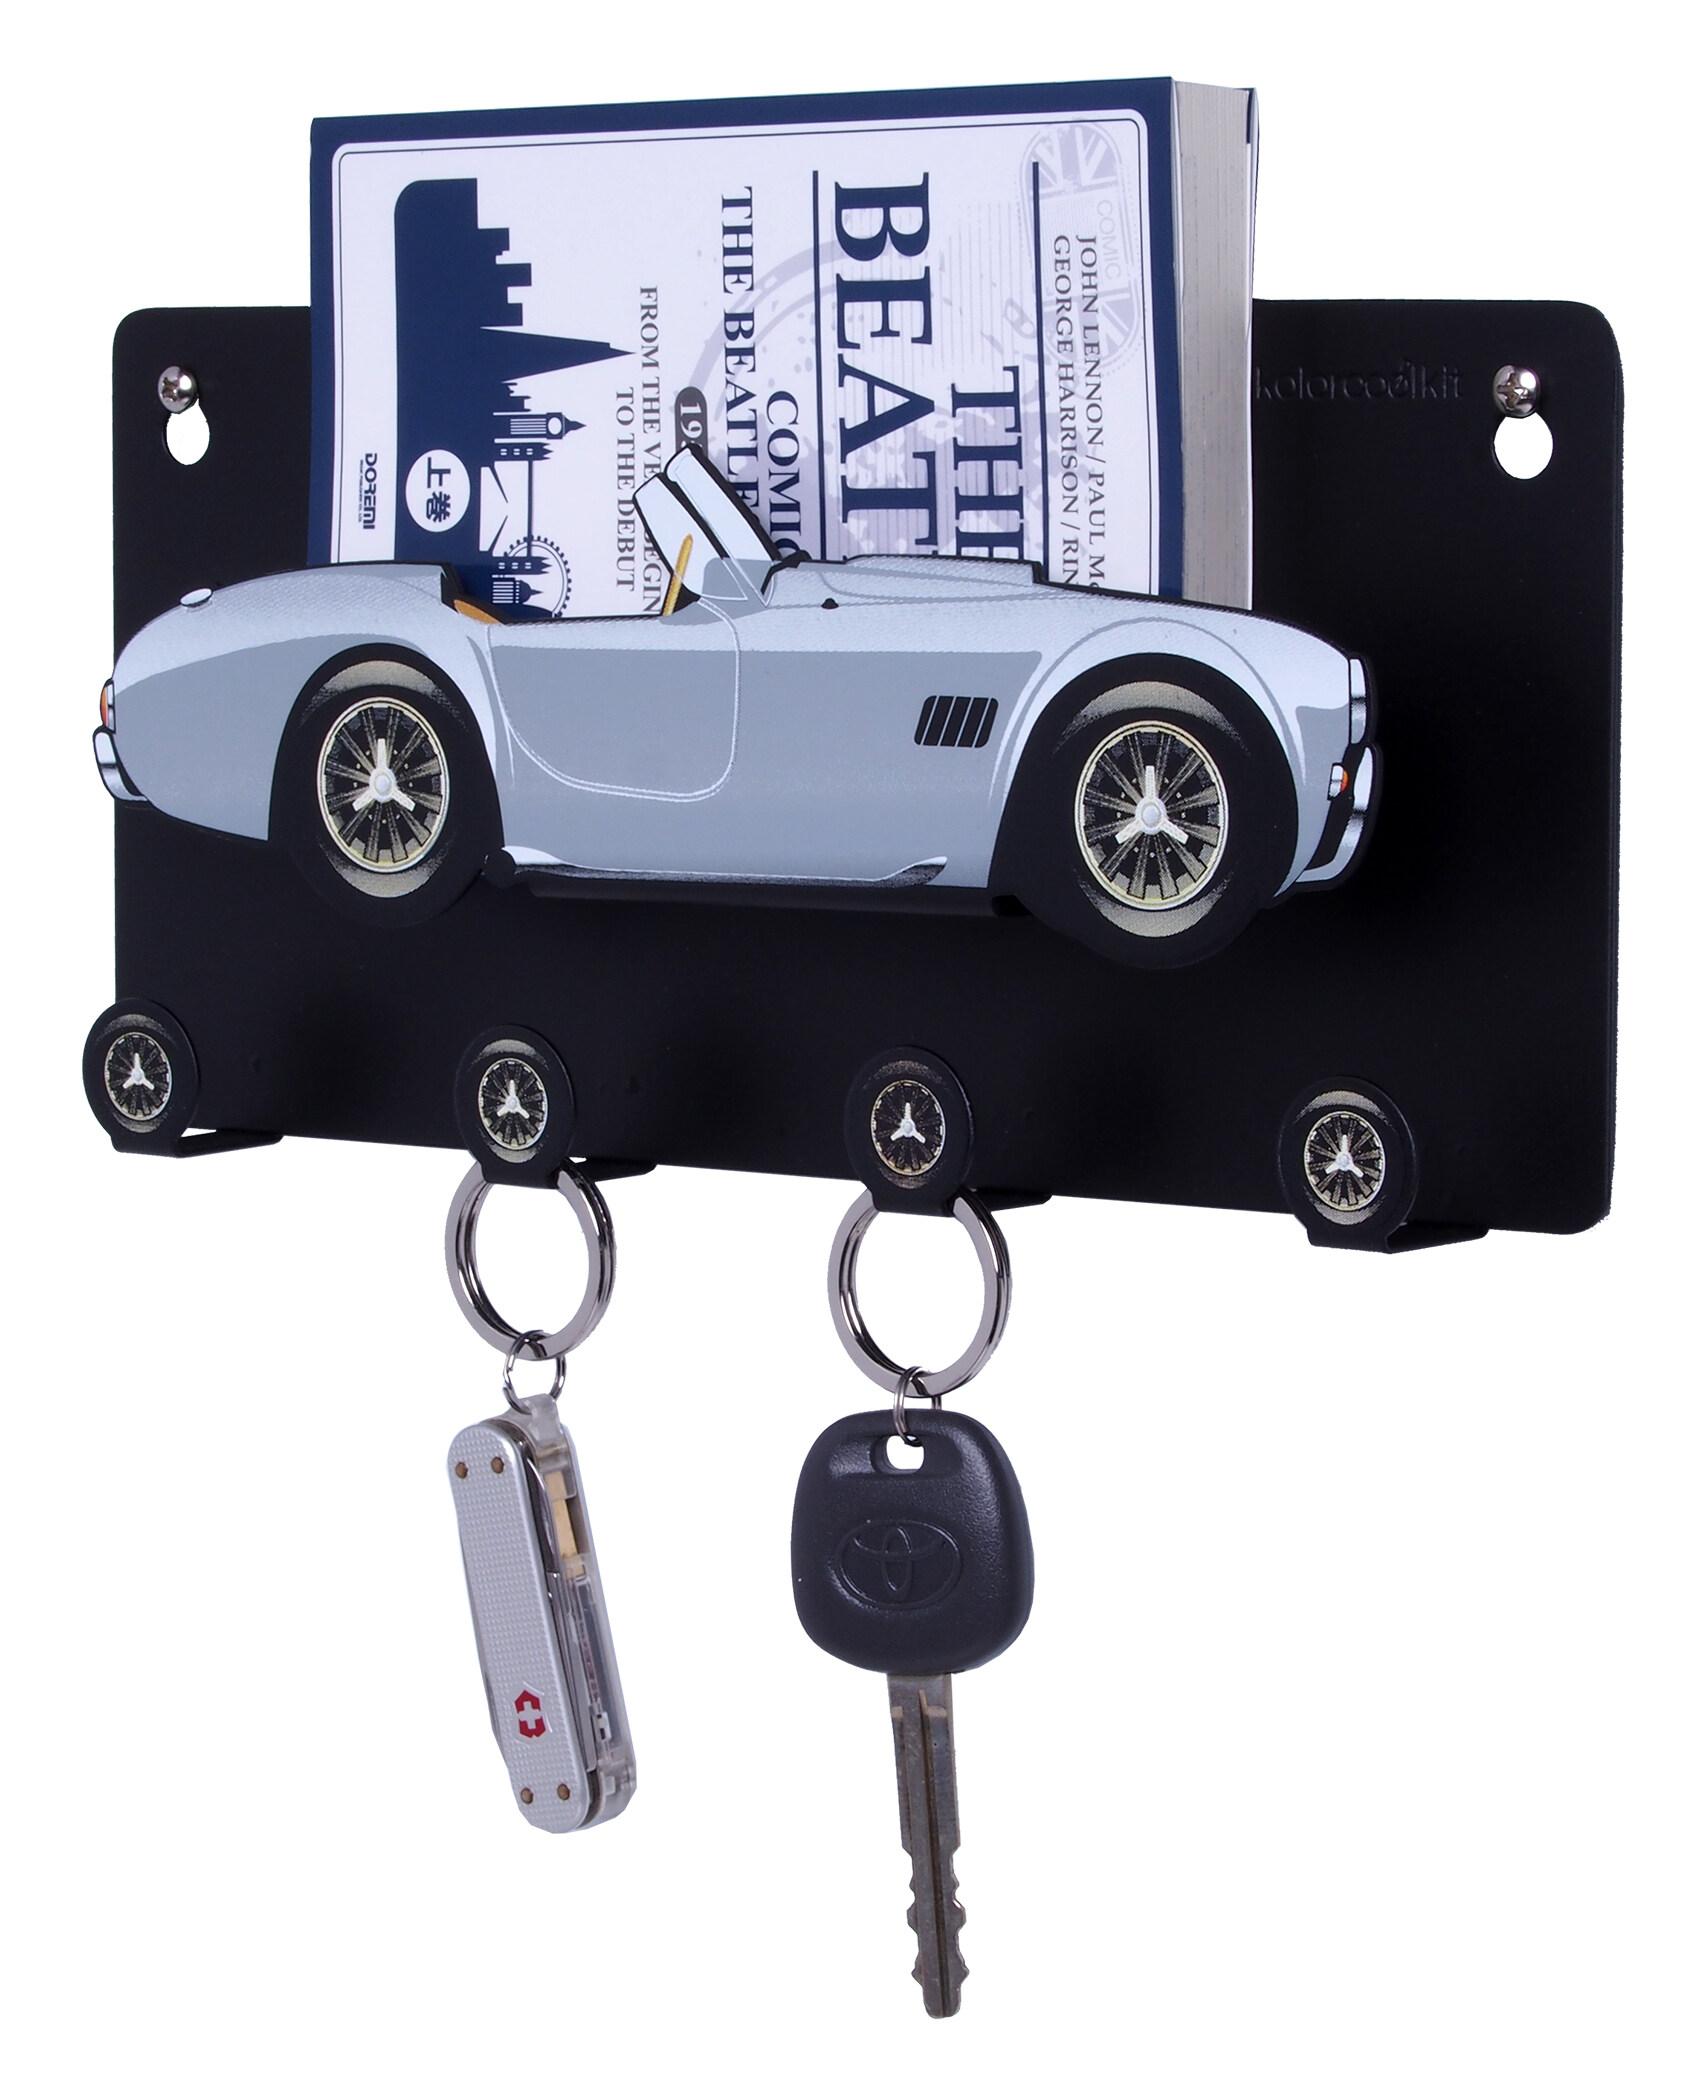 ที่แขวนกุญแจรถ ตะขอแขวนของ ที่เก็บกุญแจ ที่แขวนกุญแจ ที่แขวนของ ที่แขวนผนัง Wall Mount